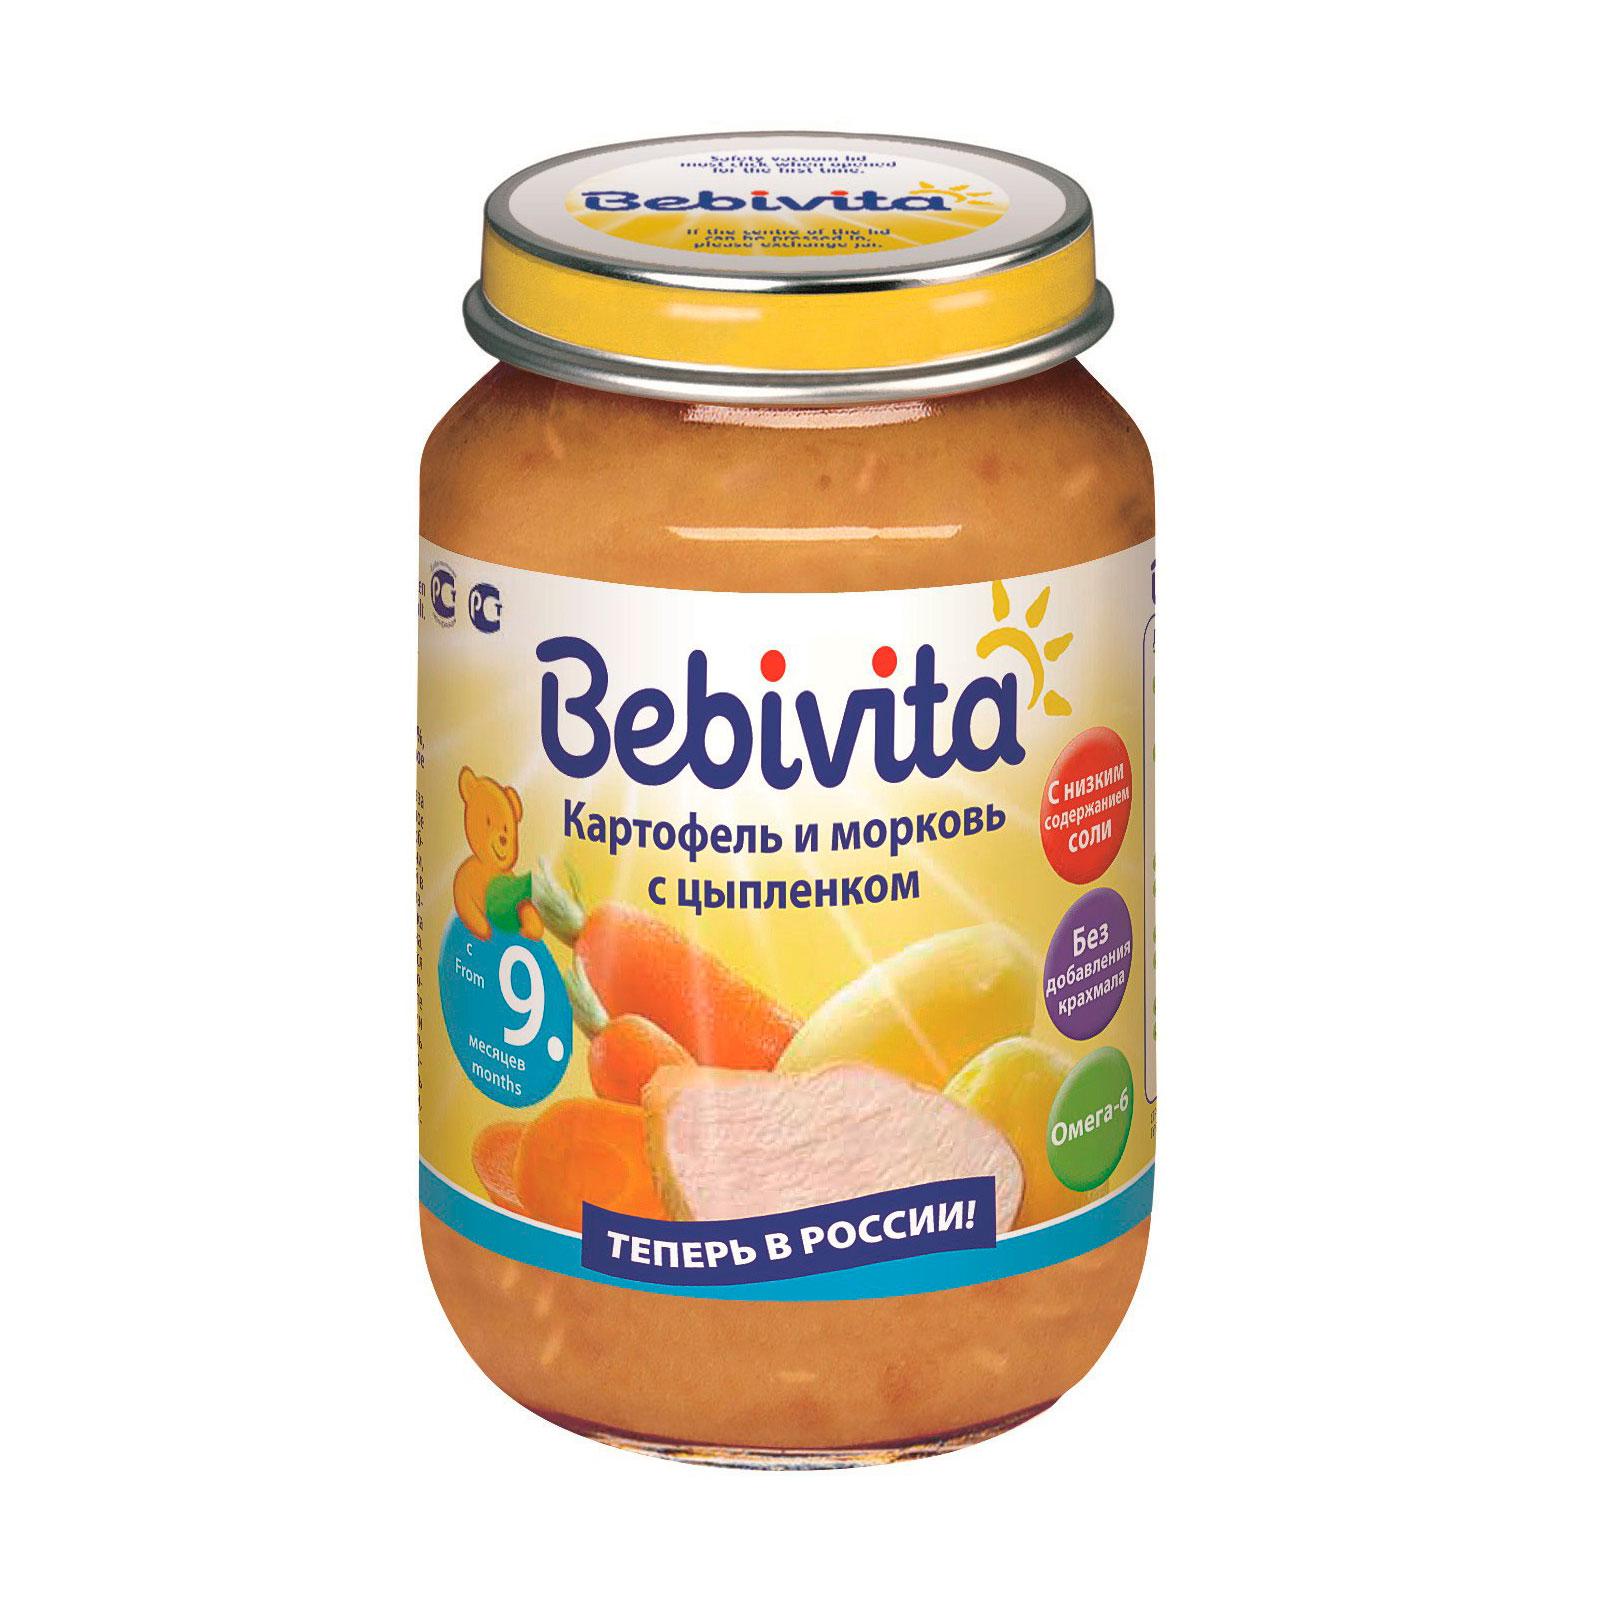 Пюре Bebivita овощи с мясом 190 гр Картофель и морковь с цыпленком (с 9 мес)<br>